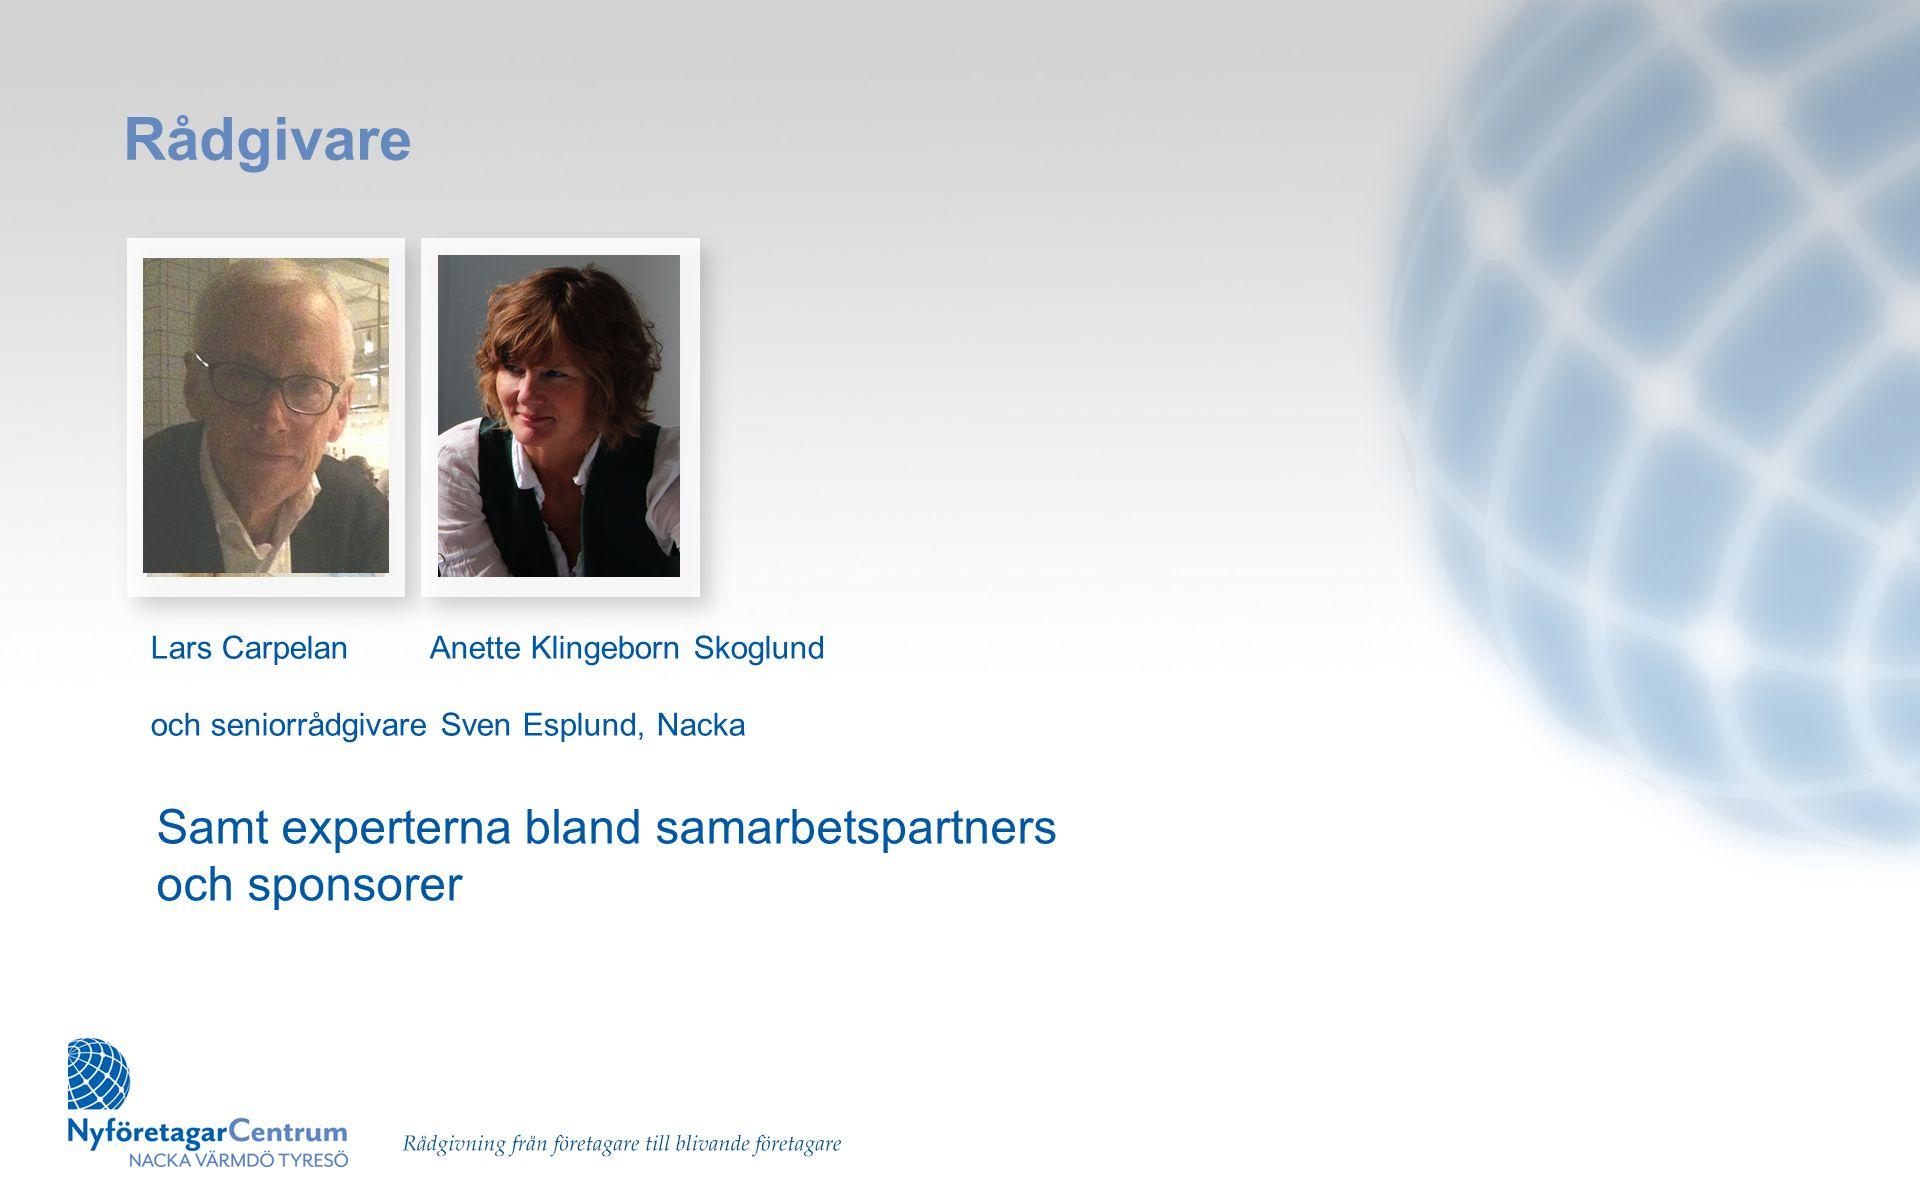 Rådgivare Samt experterna bland samarbetspartners och sponsorer